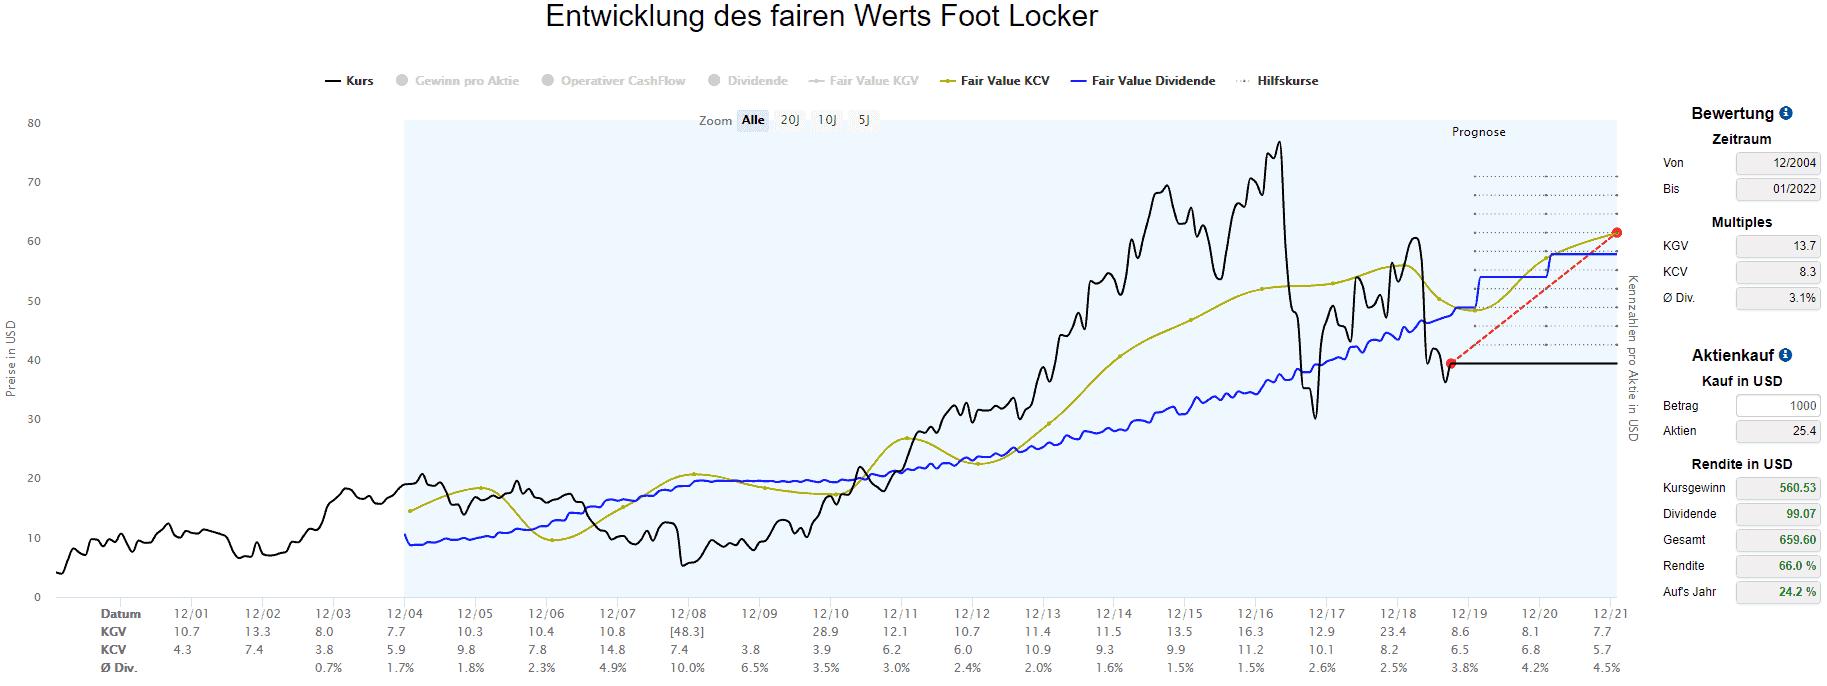 Berechnungen des fairen Werts für Foot Locker basierend auf operativem Cash-Flow und Dividenden